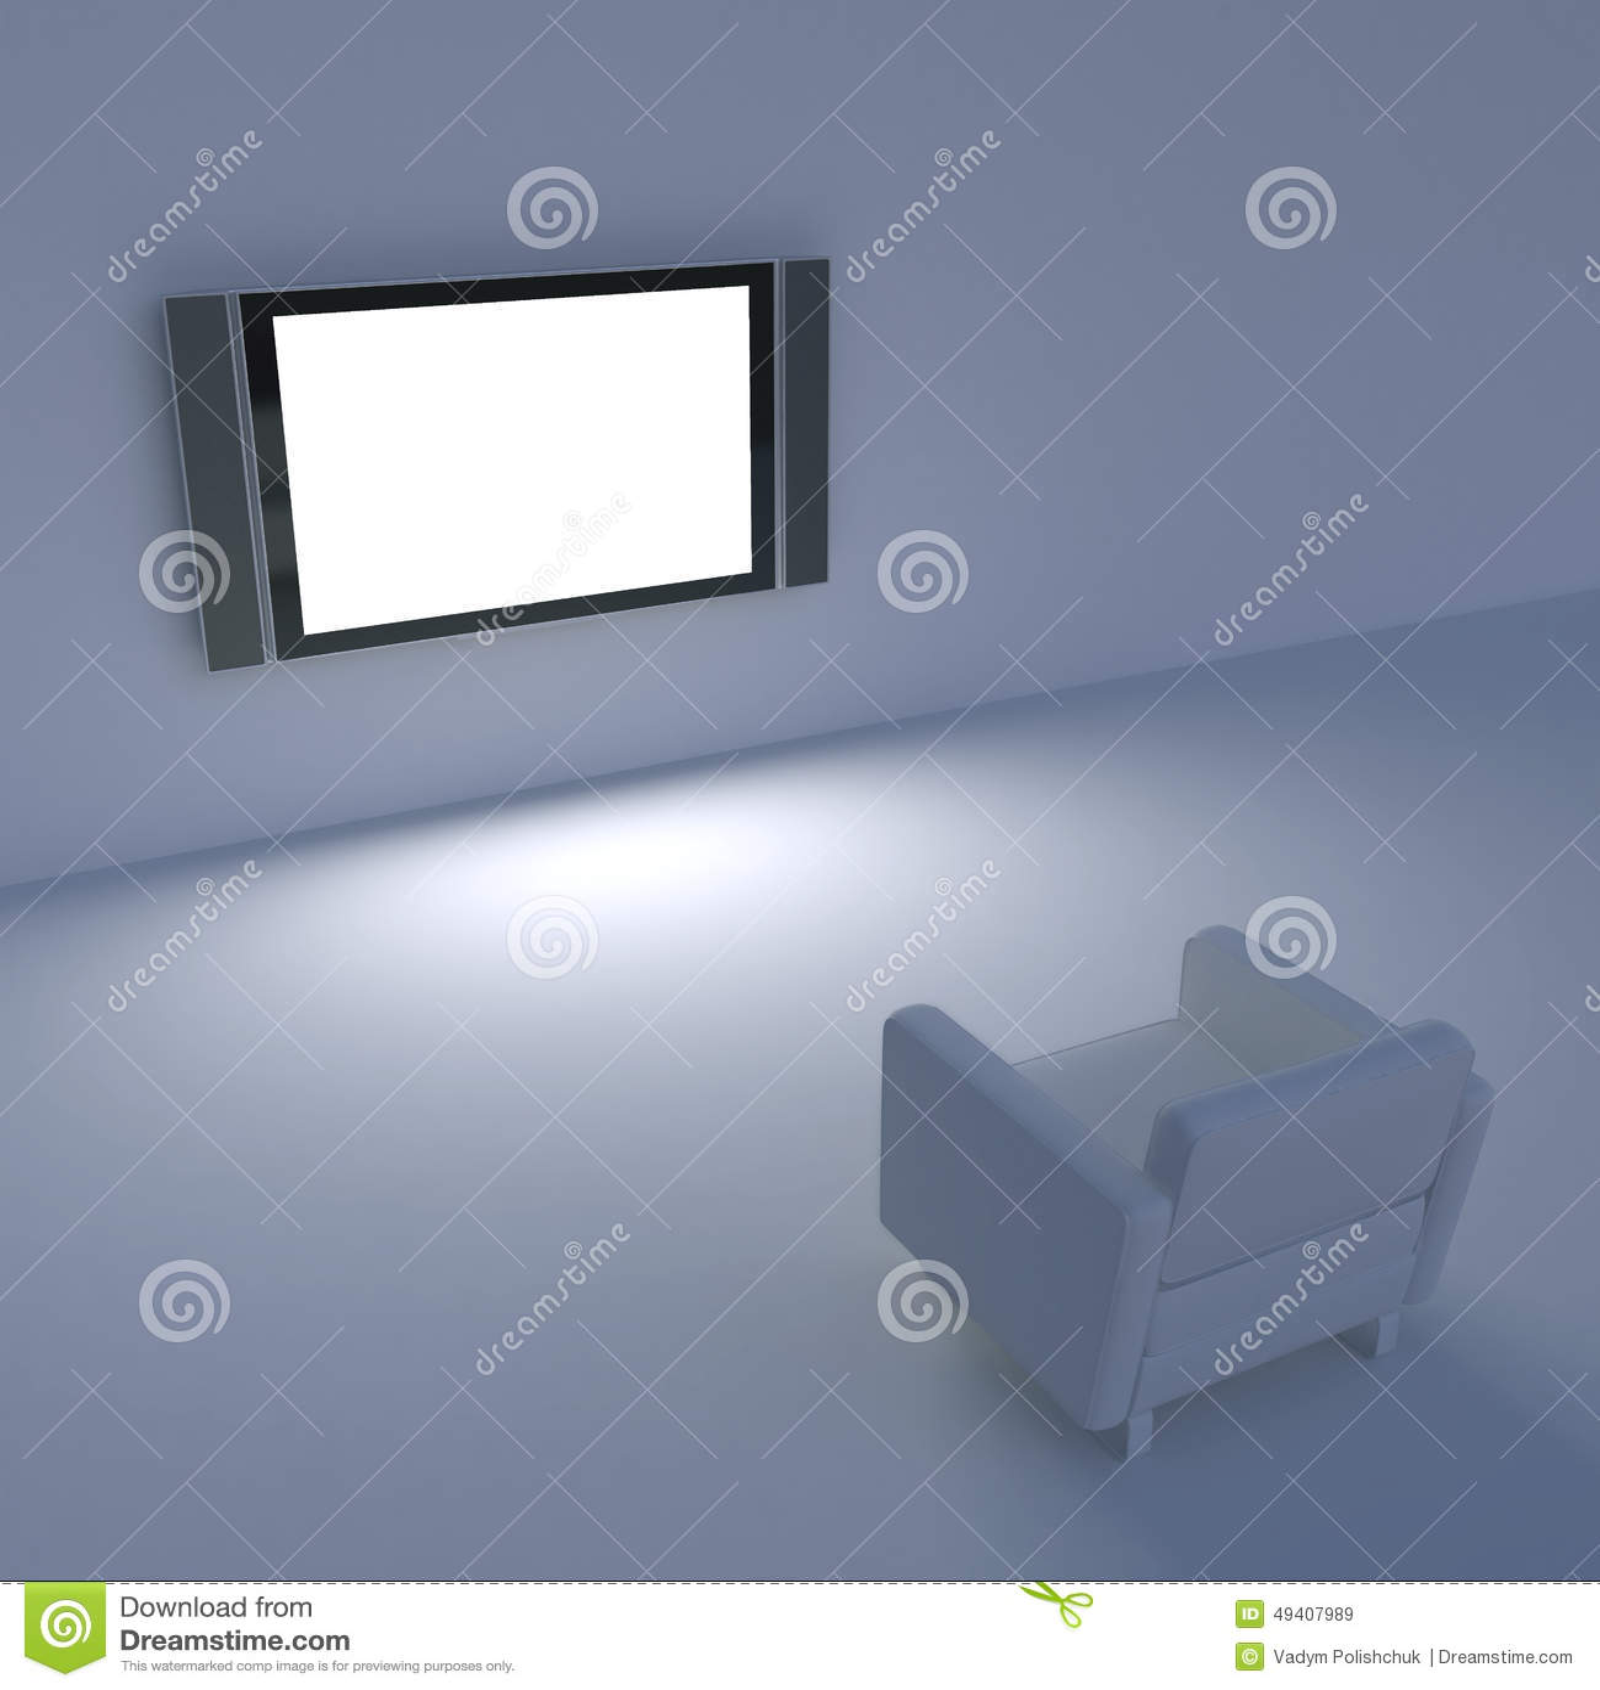 Download Weißer Stuhl Mit Fernsehen Auf Der Wand Stock Abbildung - Illustration von konzept, bild: 49407989